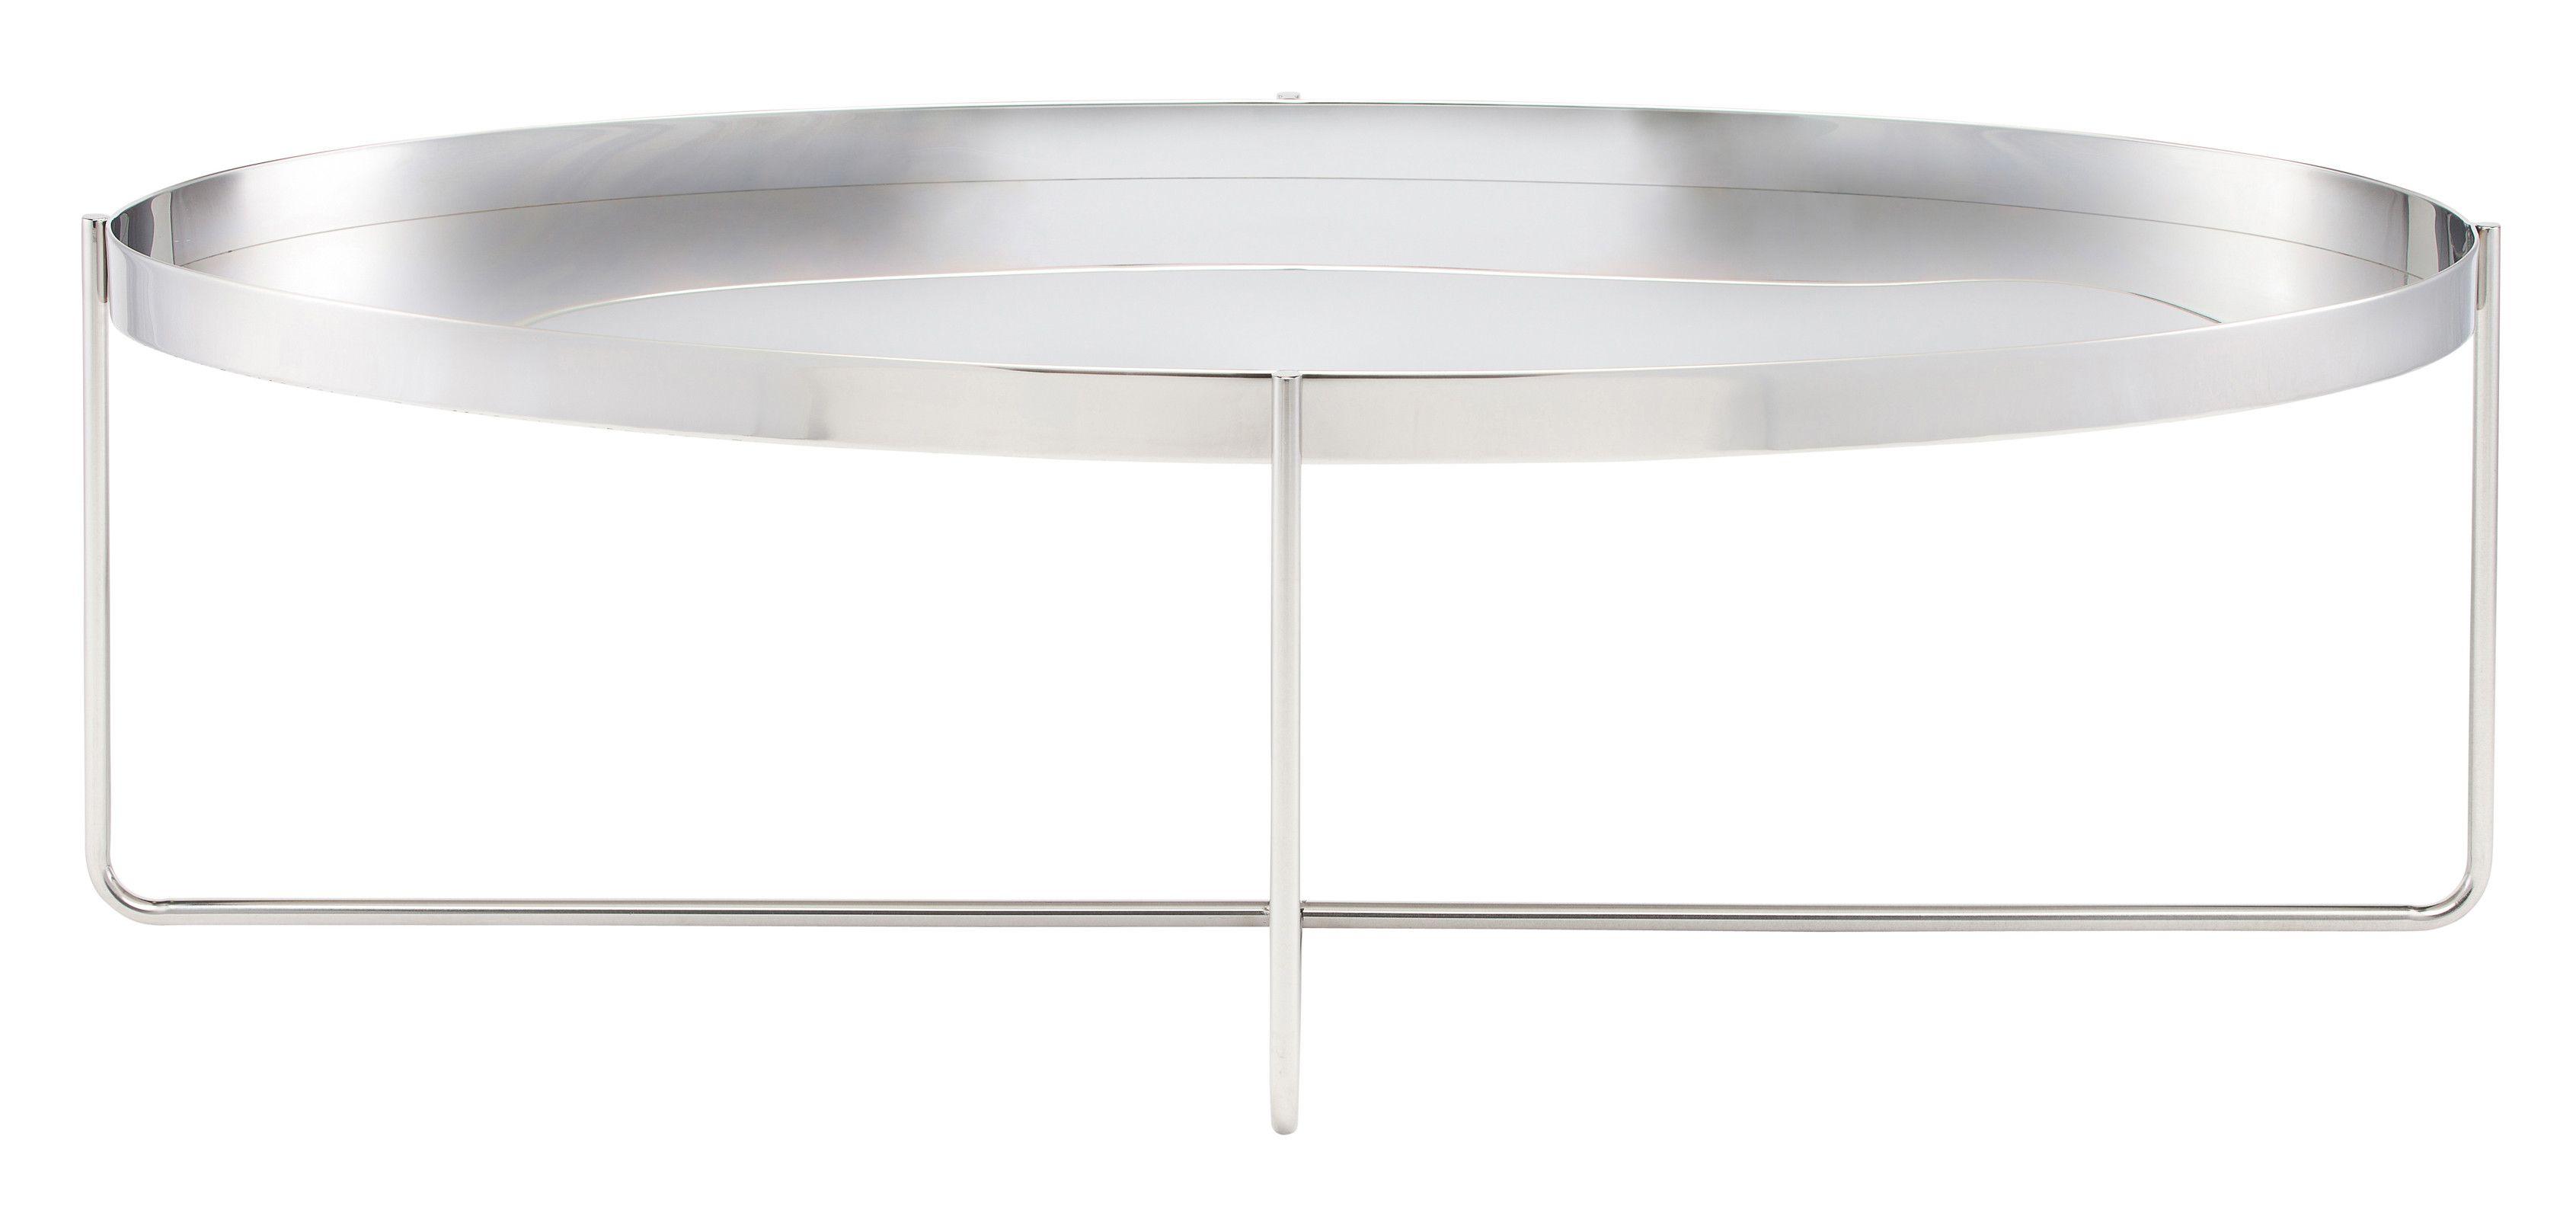 Gaultier Coffee Table Nuevo NUEVO HGDE128